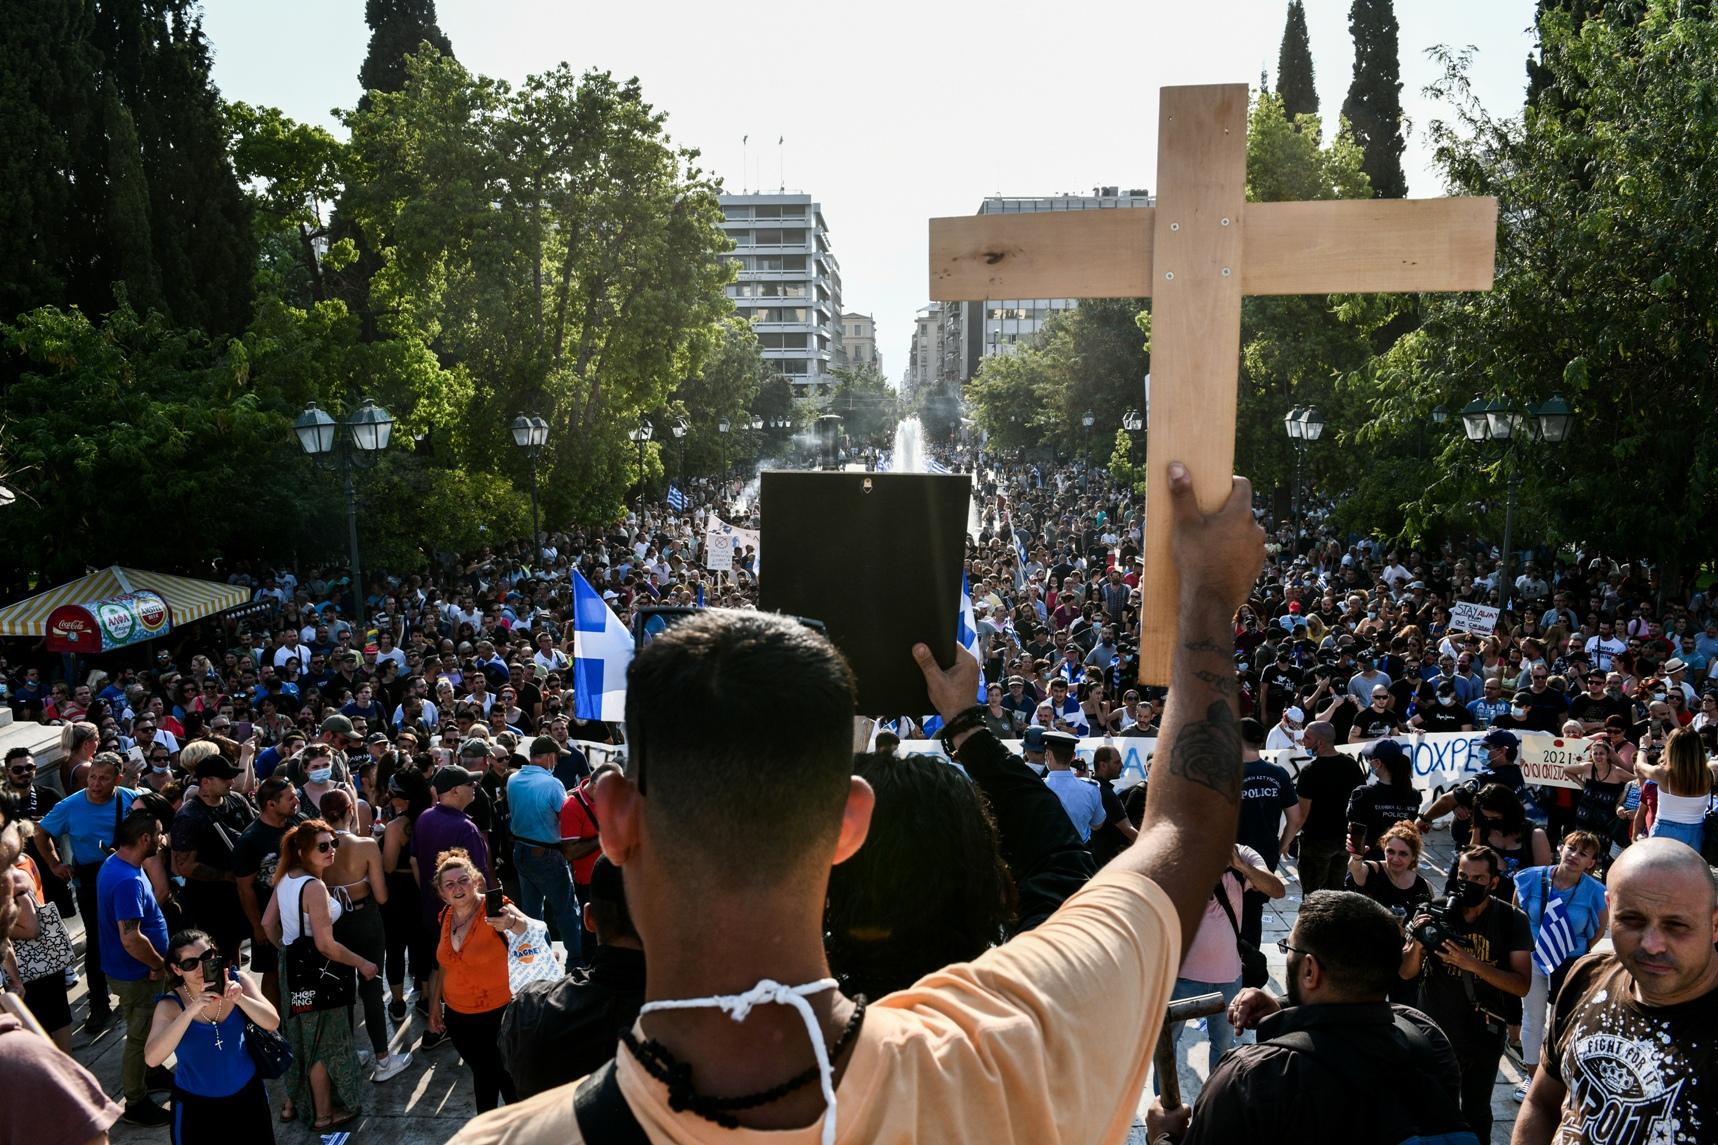 Συγκέντρωση διαμαρτυρίας στην πλατεία Συντάγματος ενάντια στην υποχρεωτικότητα του εμβολιασμού, Τετάρτη 21 Ιουλίου 2021. (EUROKINISSI/ΤΑΤΙΑΝΑ ΜΠΟΛΑΡΗ)